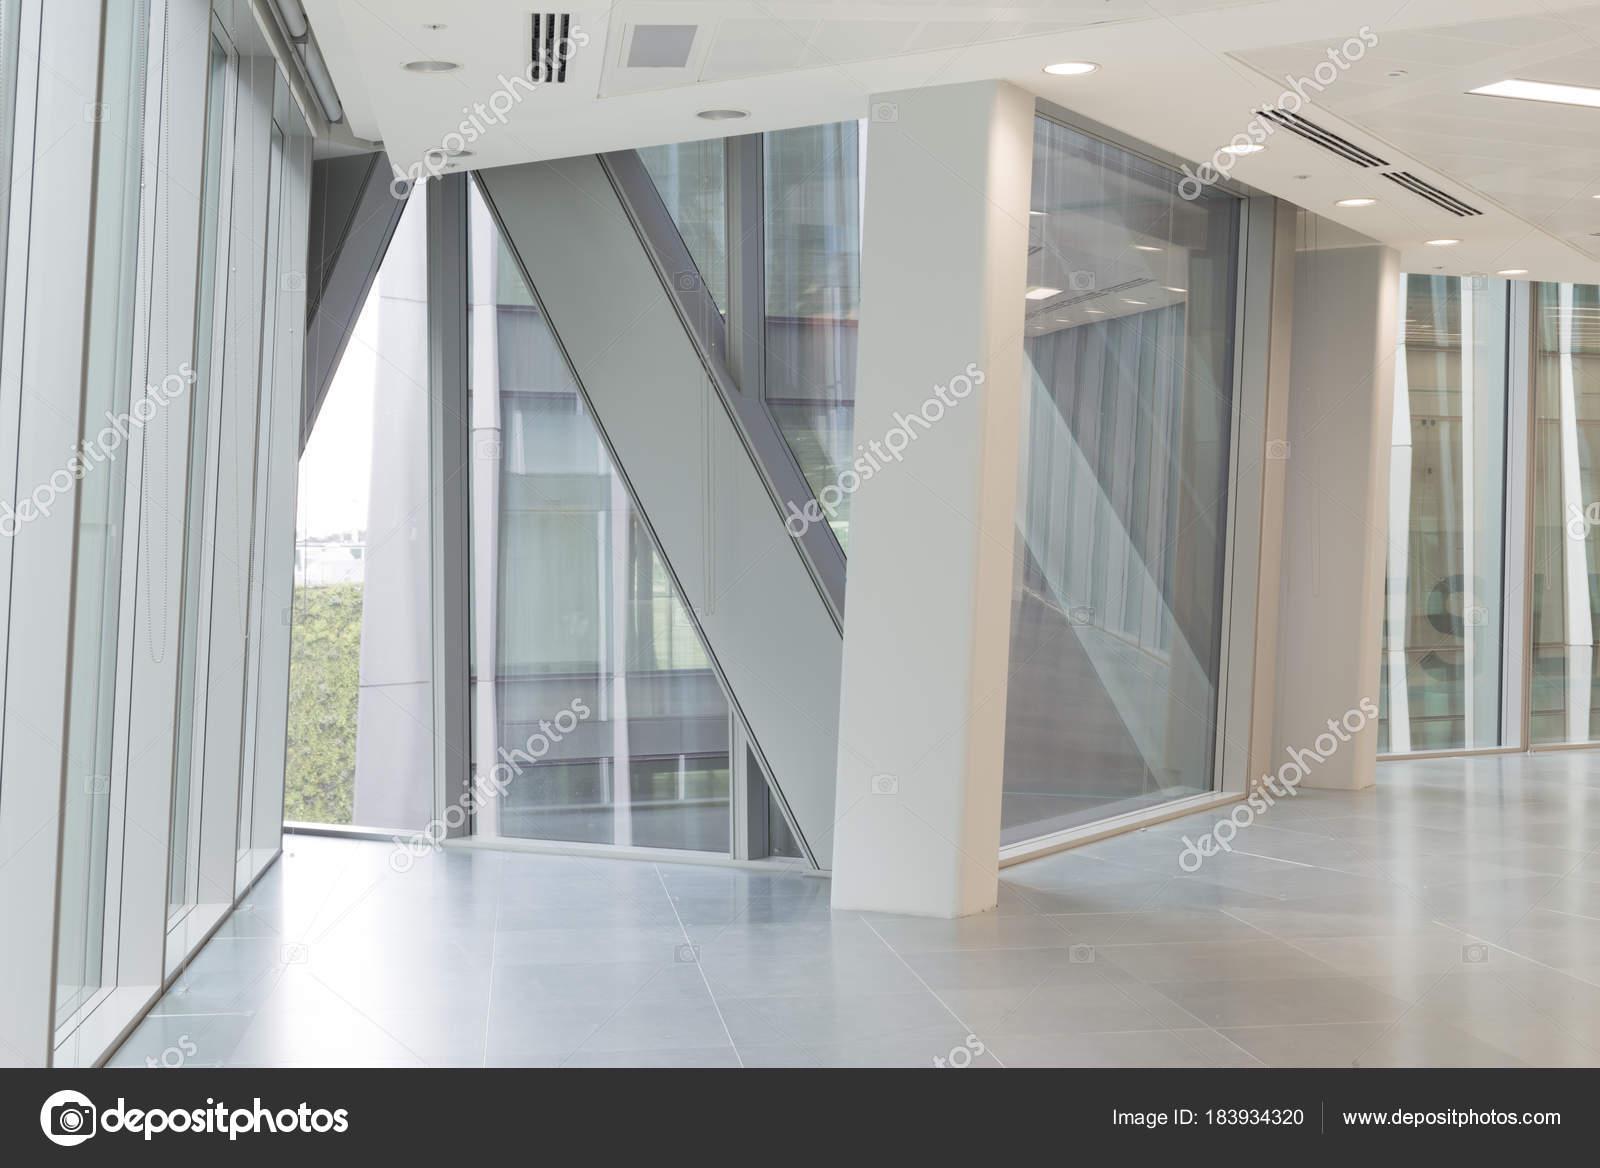 Ansicht des Gebäudes Stahlrahmen aus leeren Bürofenster — Stockfoto ...